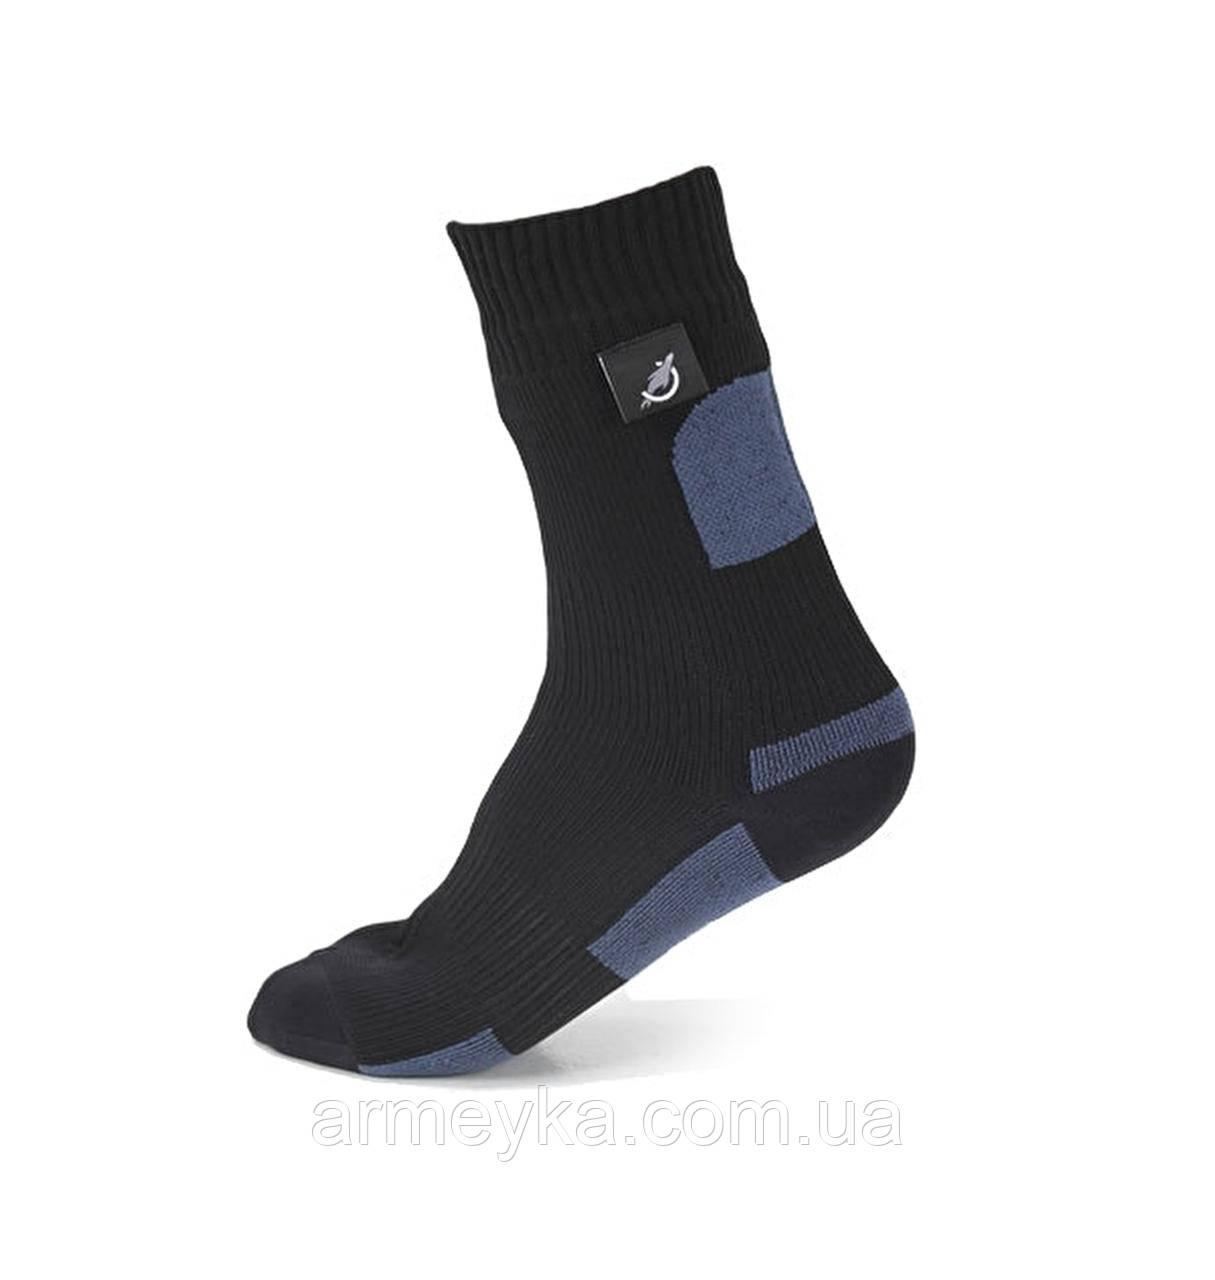 Водонепроницаемые носки Sealskinz military issue, Black/Anthracite. Великобритания, оригинал, фото 1